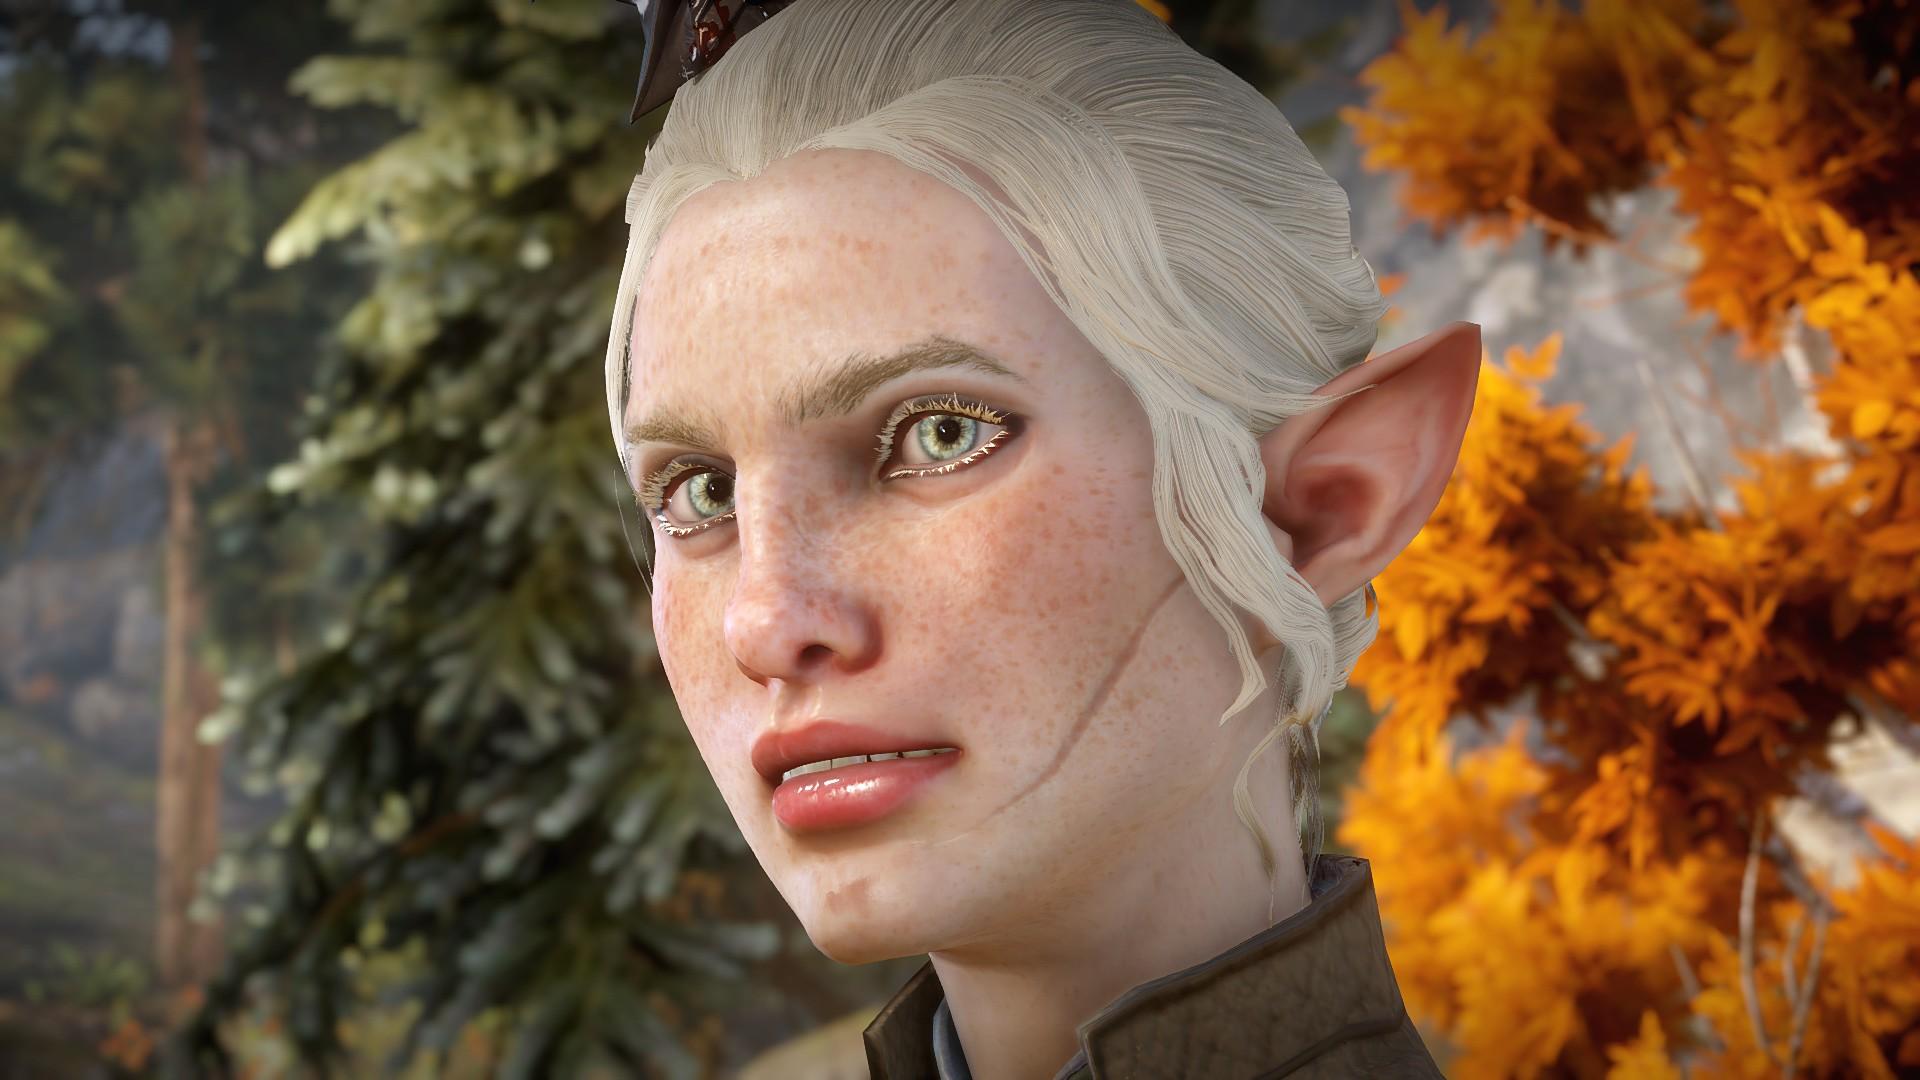 """Nalrya: """"Я перестворила персонажа й задоволена на 100%."""" Спочатку Nalrya казала, що її персонаж був """"ненавмисно"""" подібний до Майлі Сайрус"""